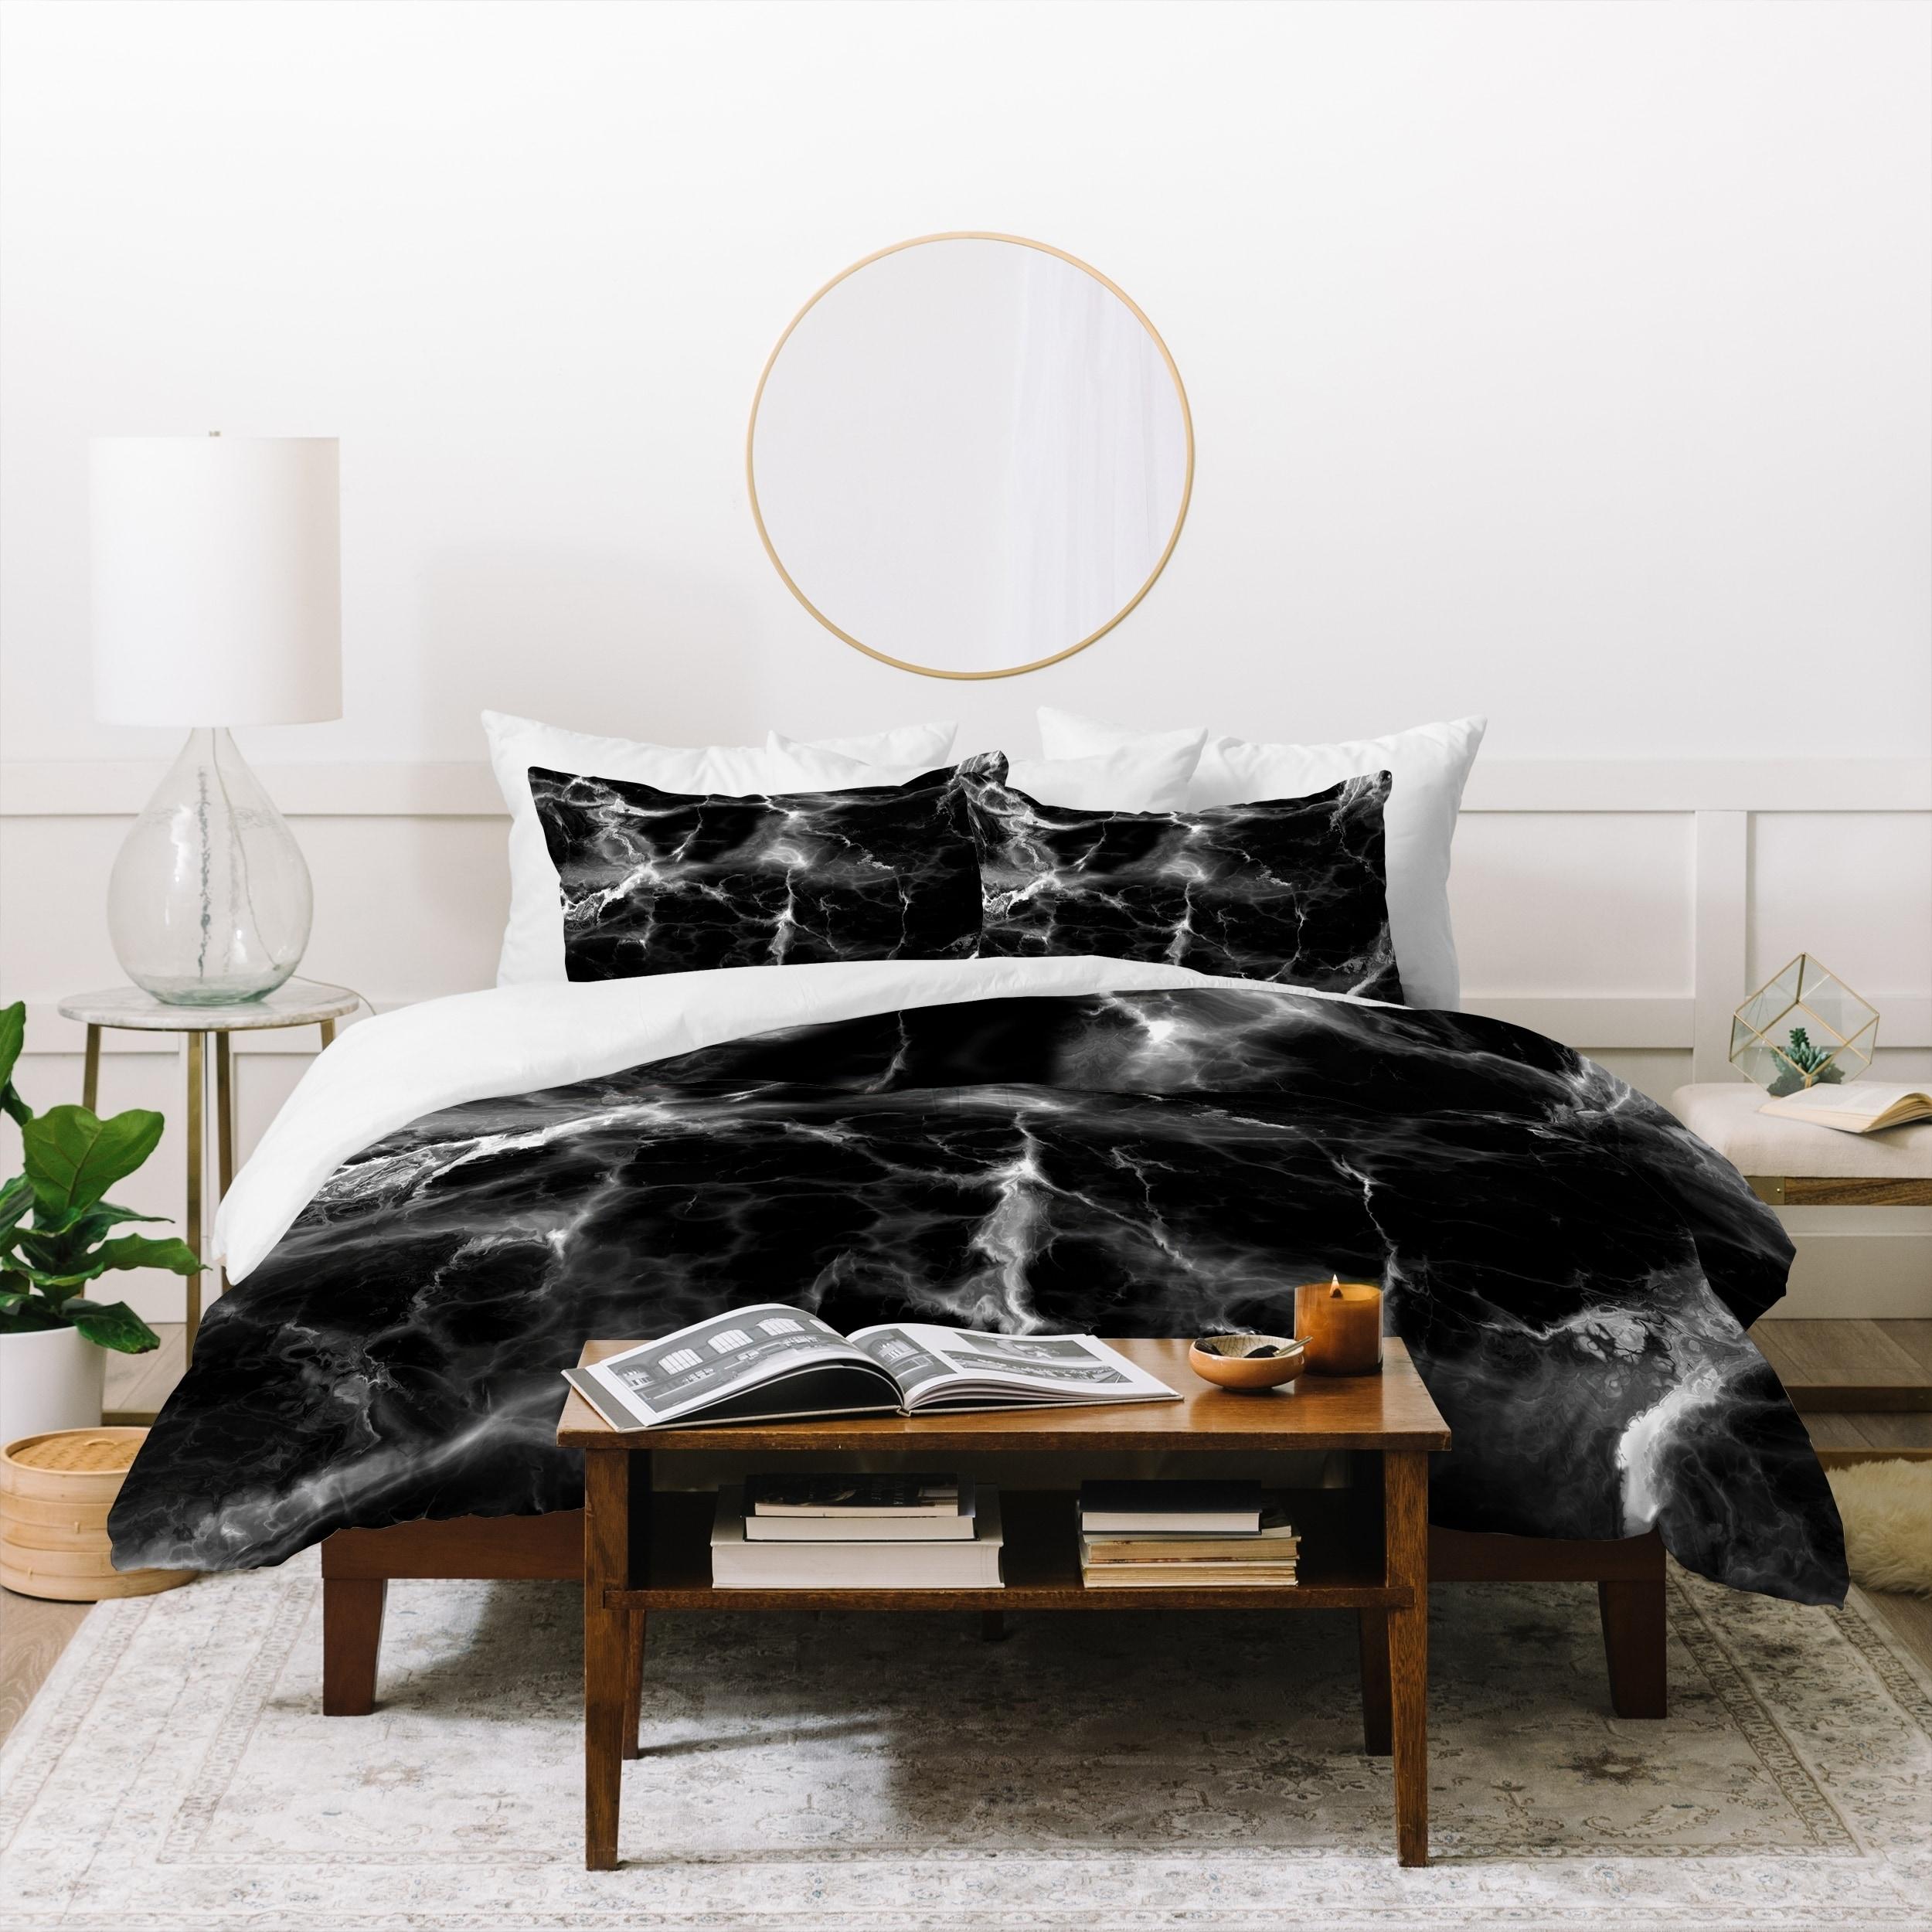 Deny Designs Black Marble Duvet Cover Set 3 Piece Set On Sale Overstock 21453938